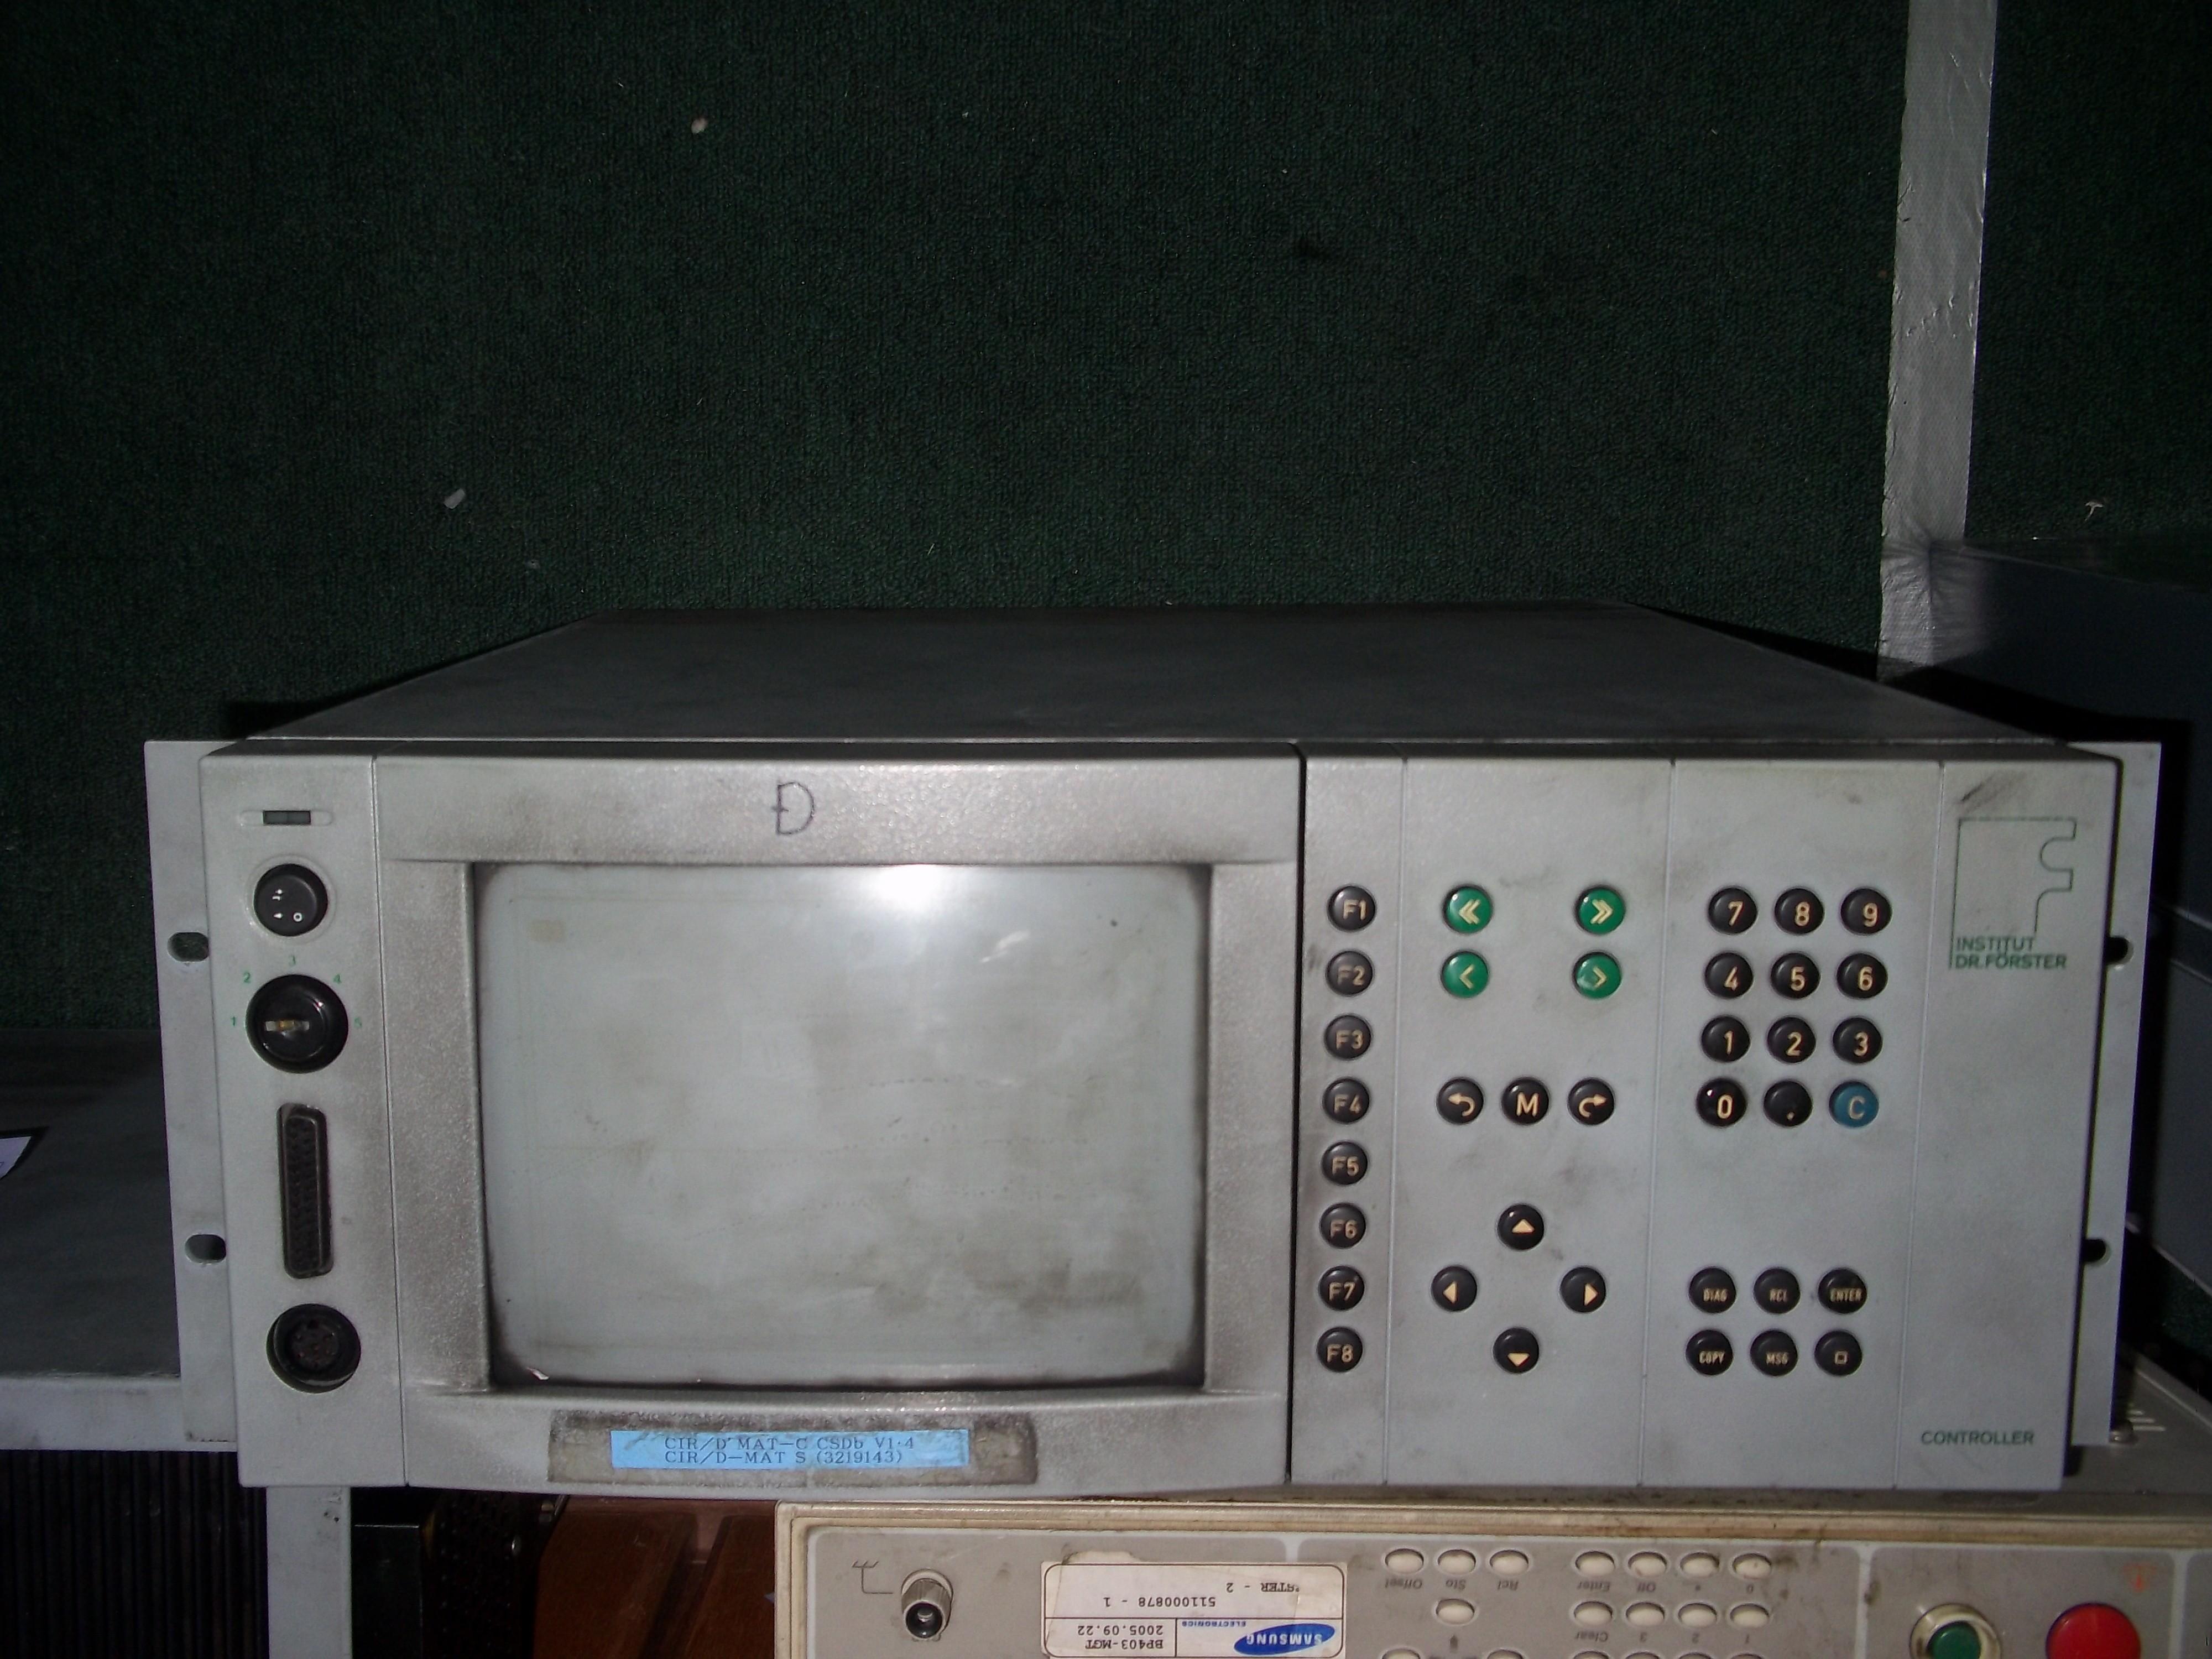 Repair CTR/D-MAT-C CSDB V1.4 (3219143)  INSTITUT DR. FORSTER CONTROLLER in Malaysia, Singapore, Thailand, Indonesia